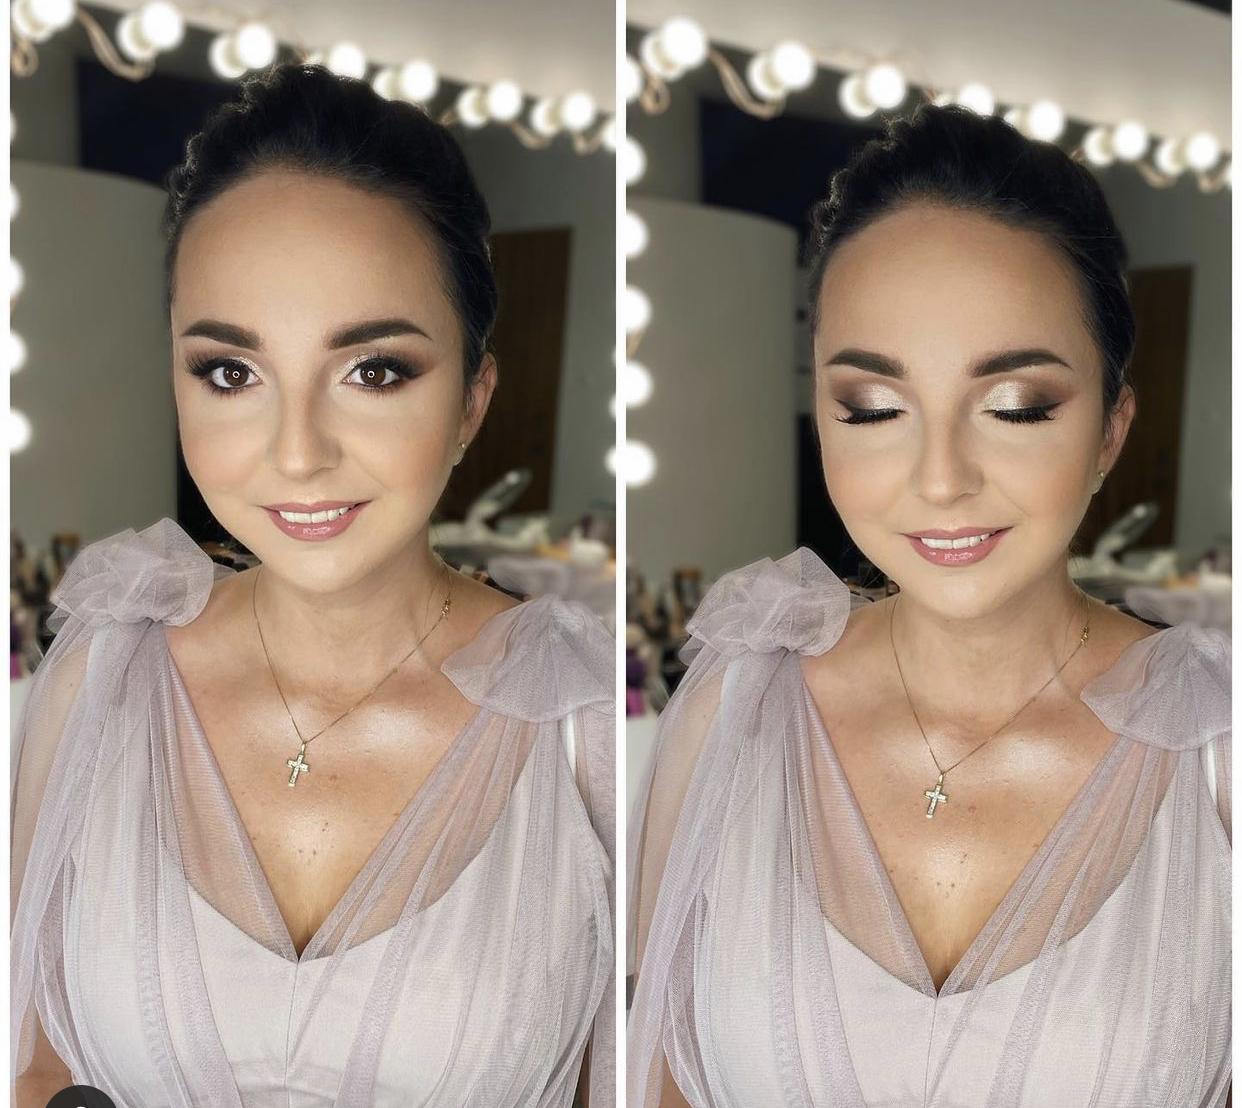 Makeup klientky ✨ - Obrázok č. 8